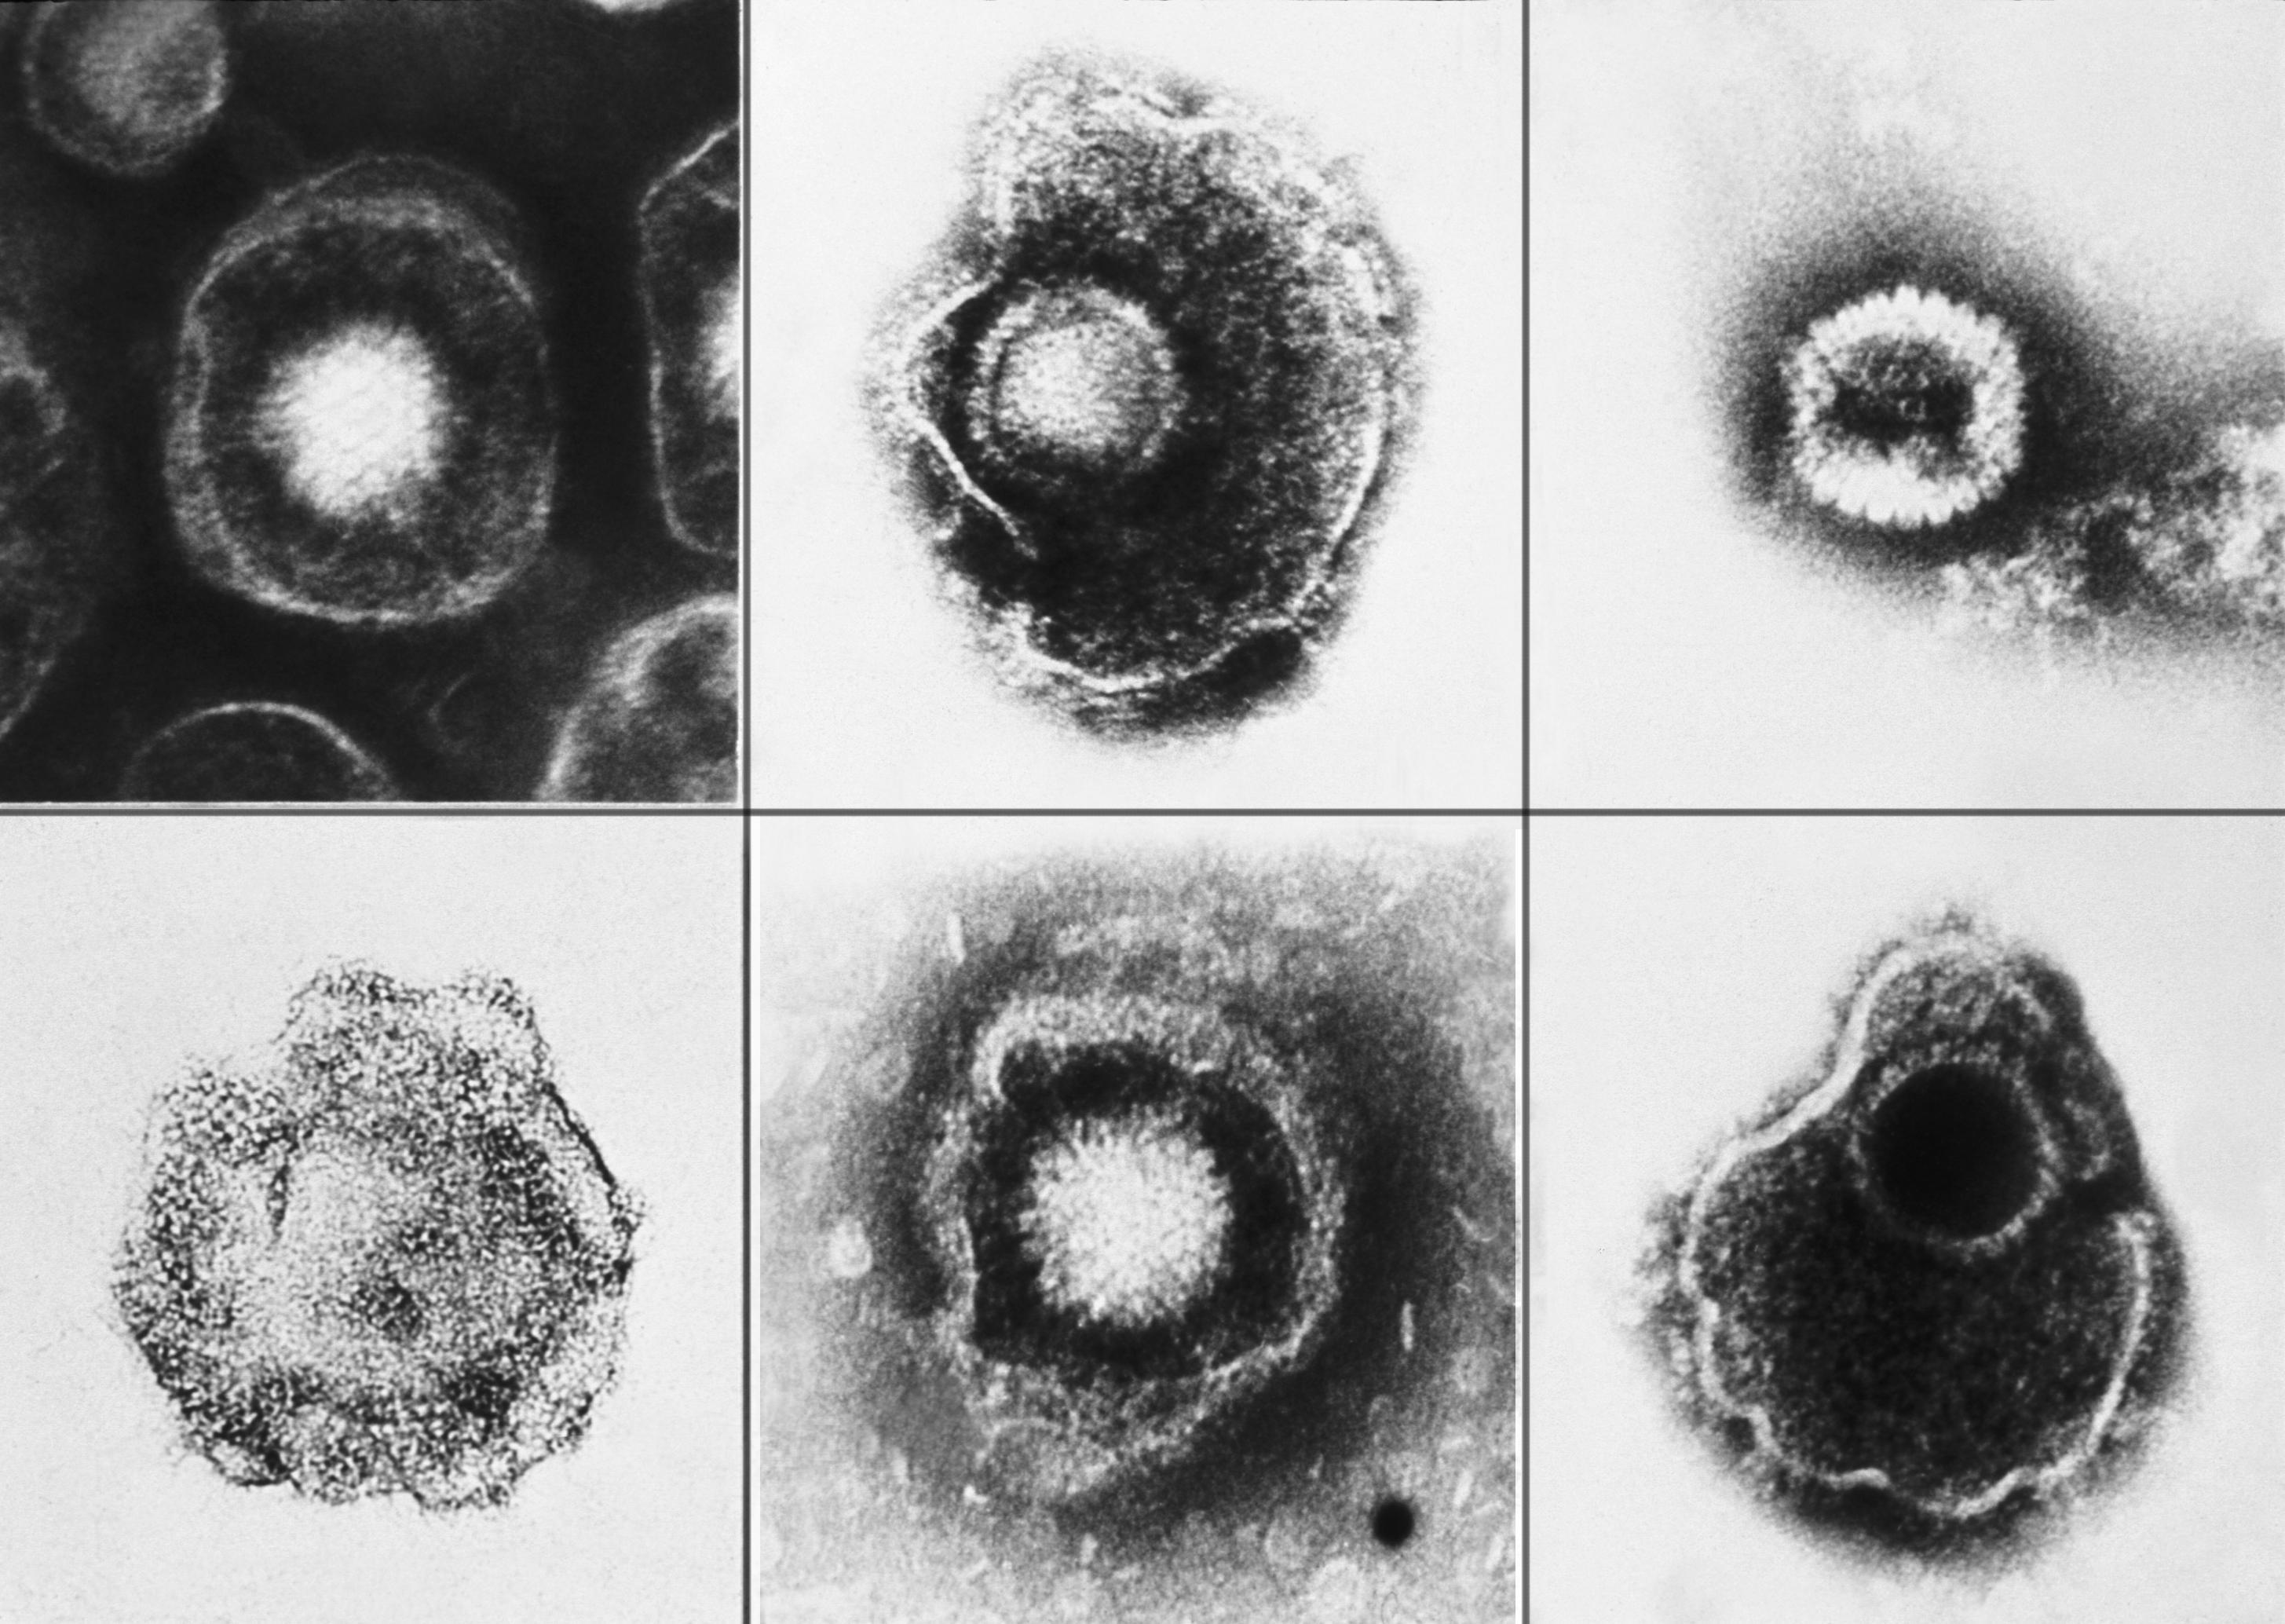 Herpes simplex virus 2 cdc serial